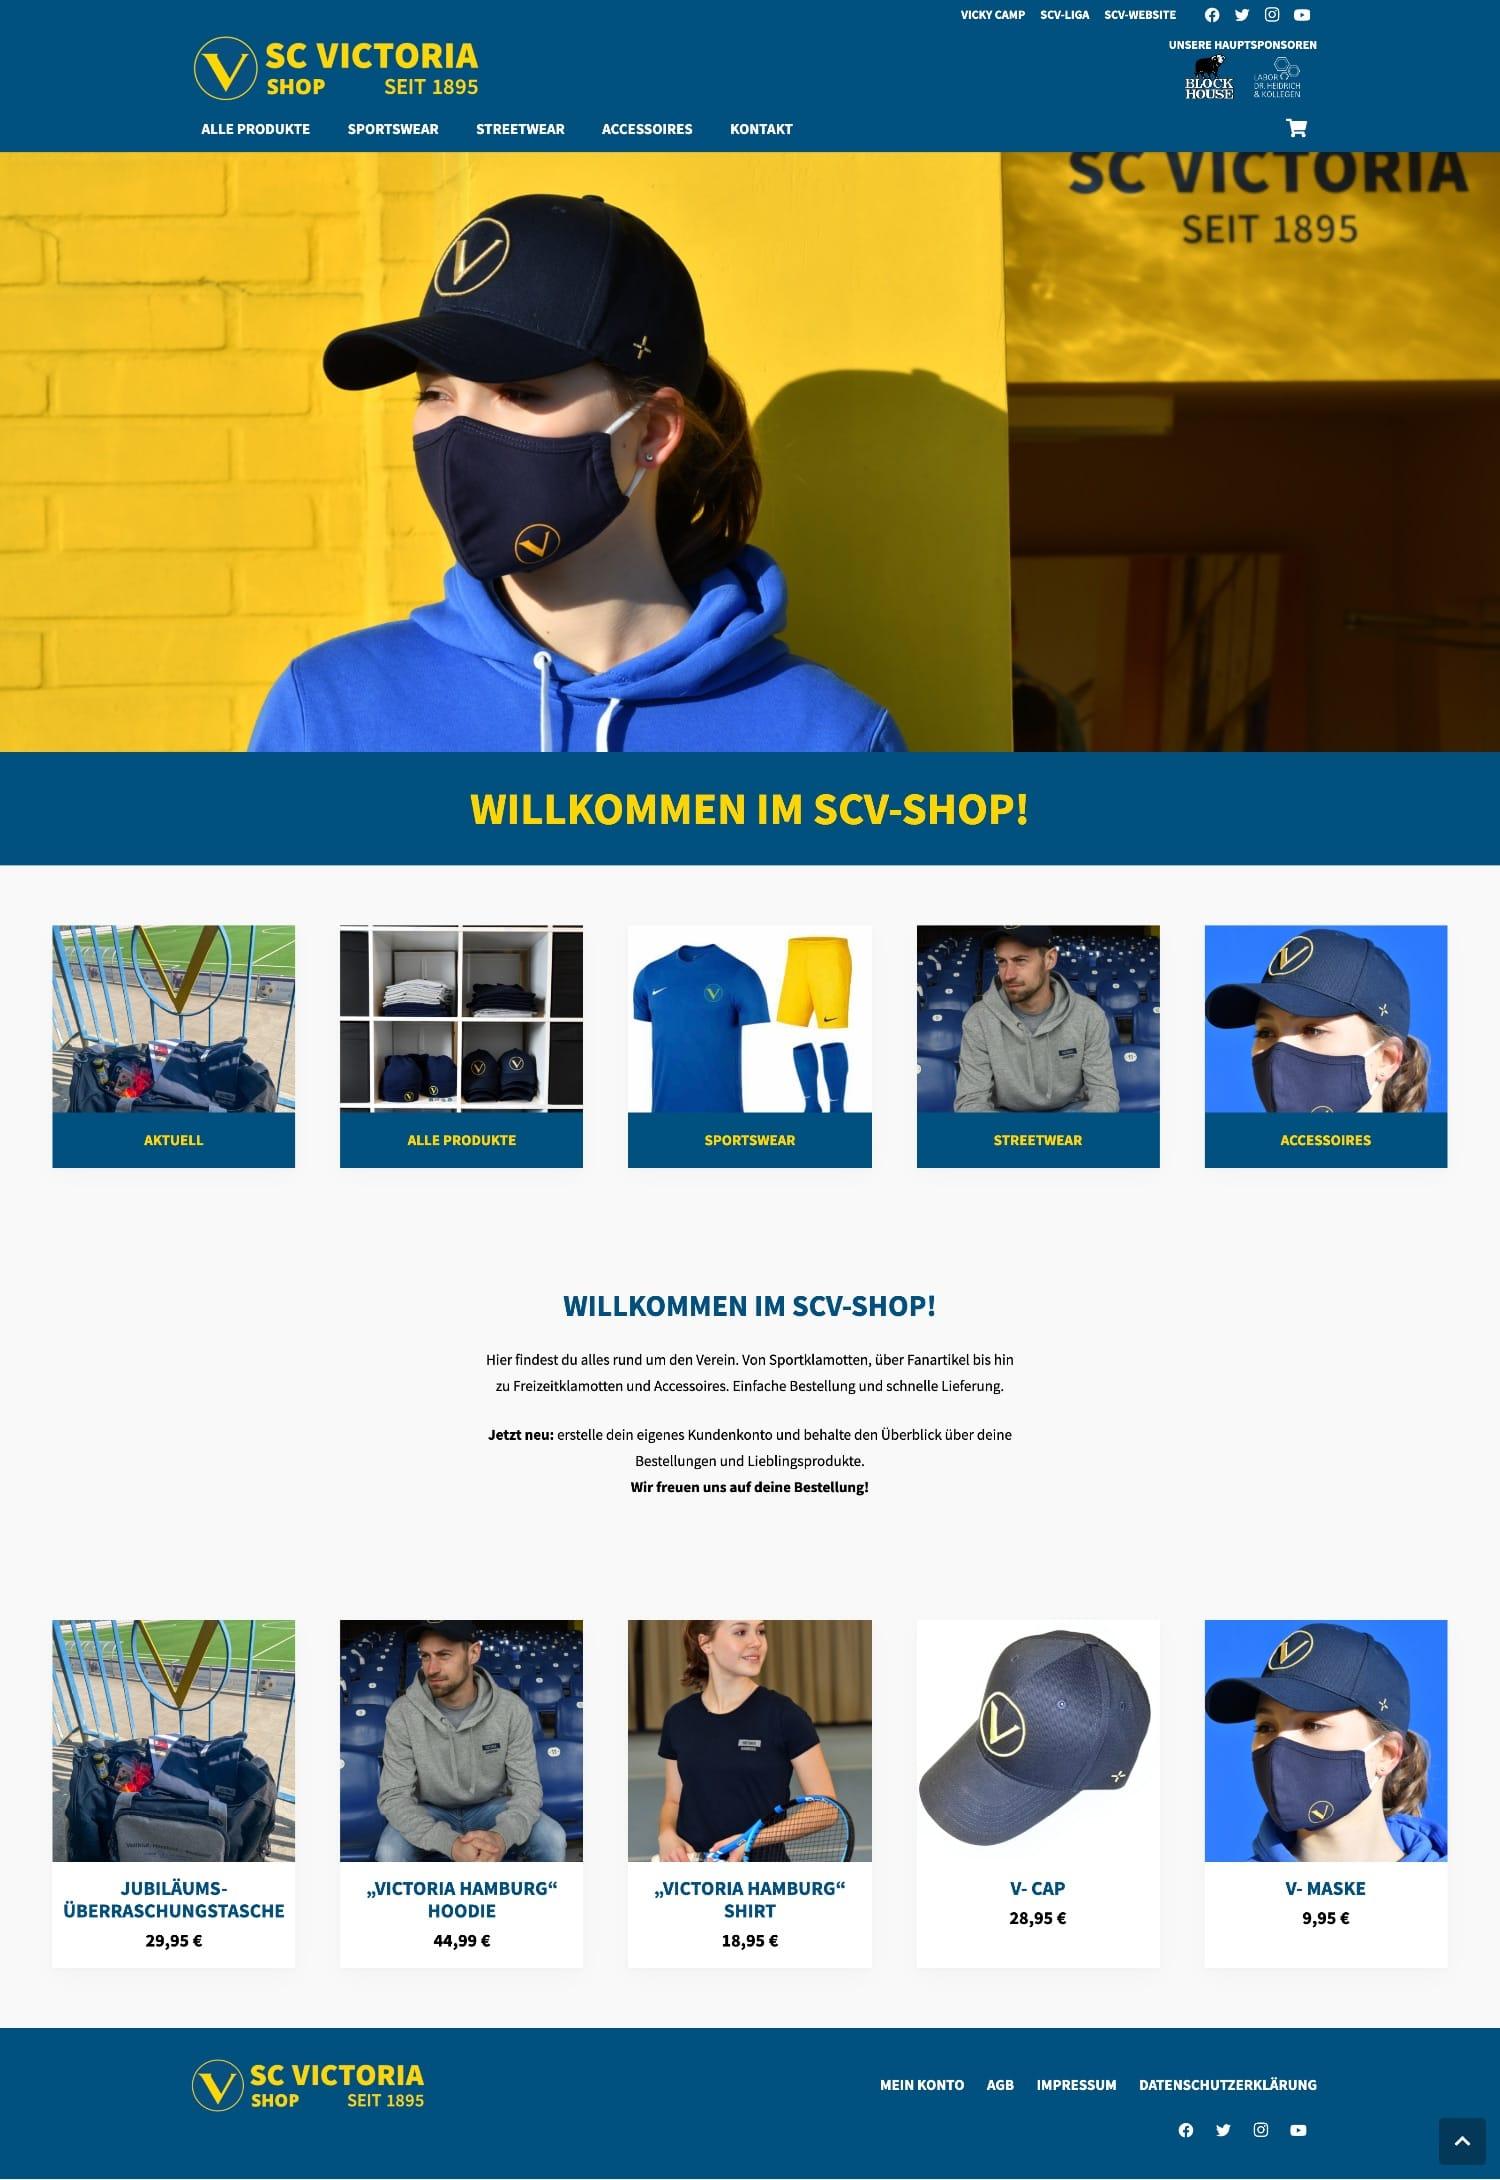 SC Victoria-Shop - Website